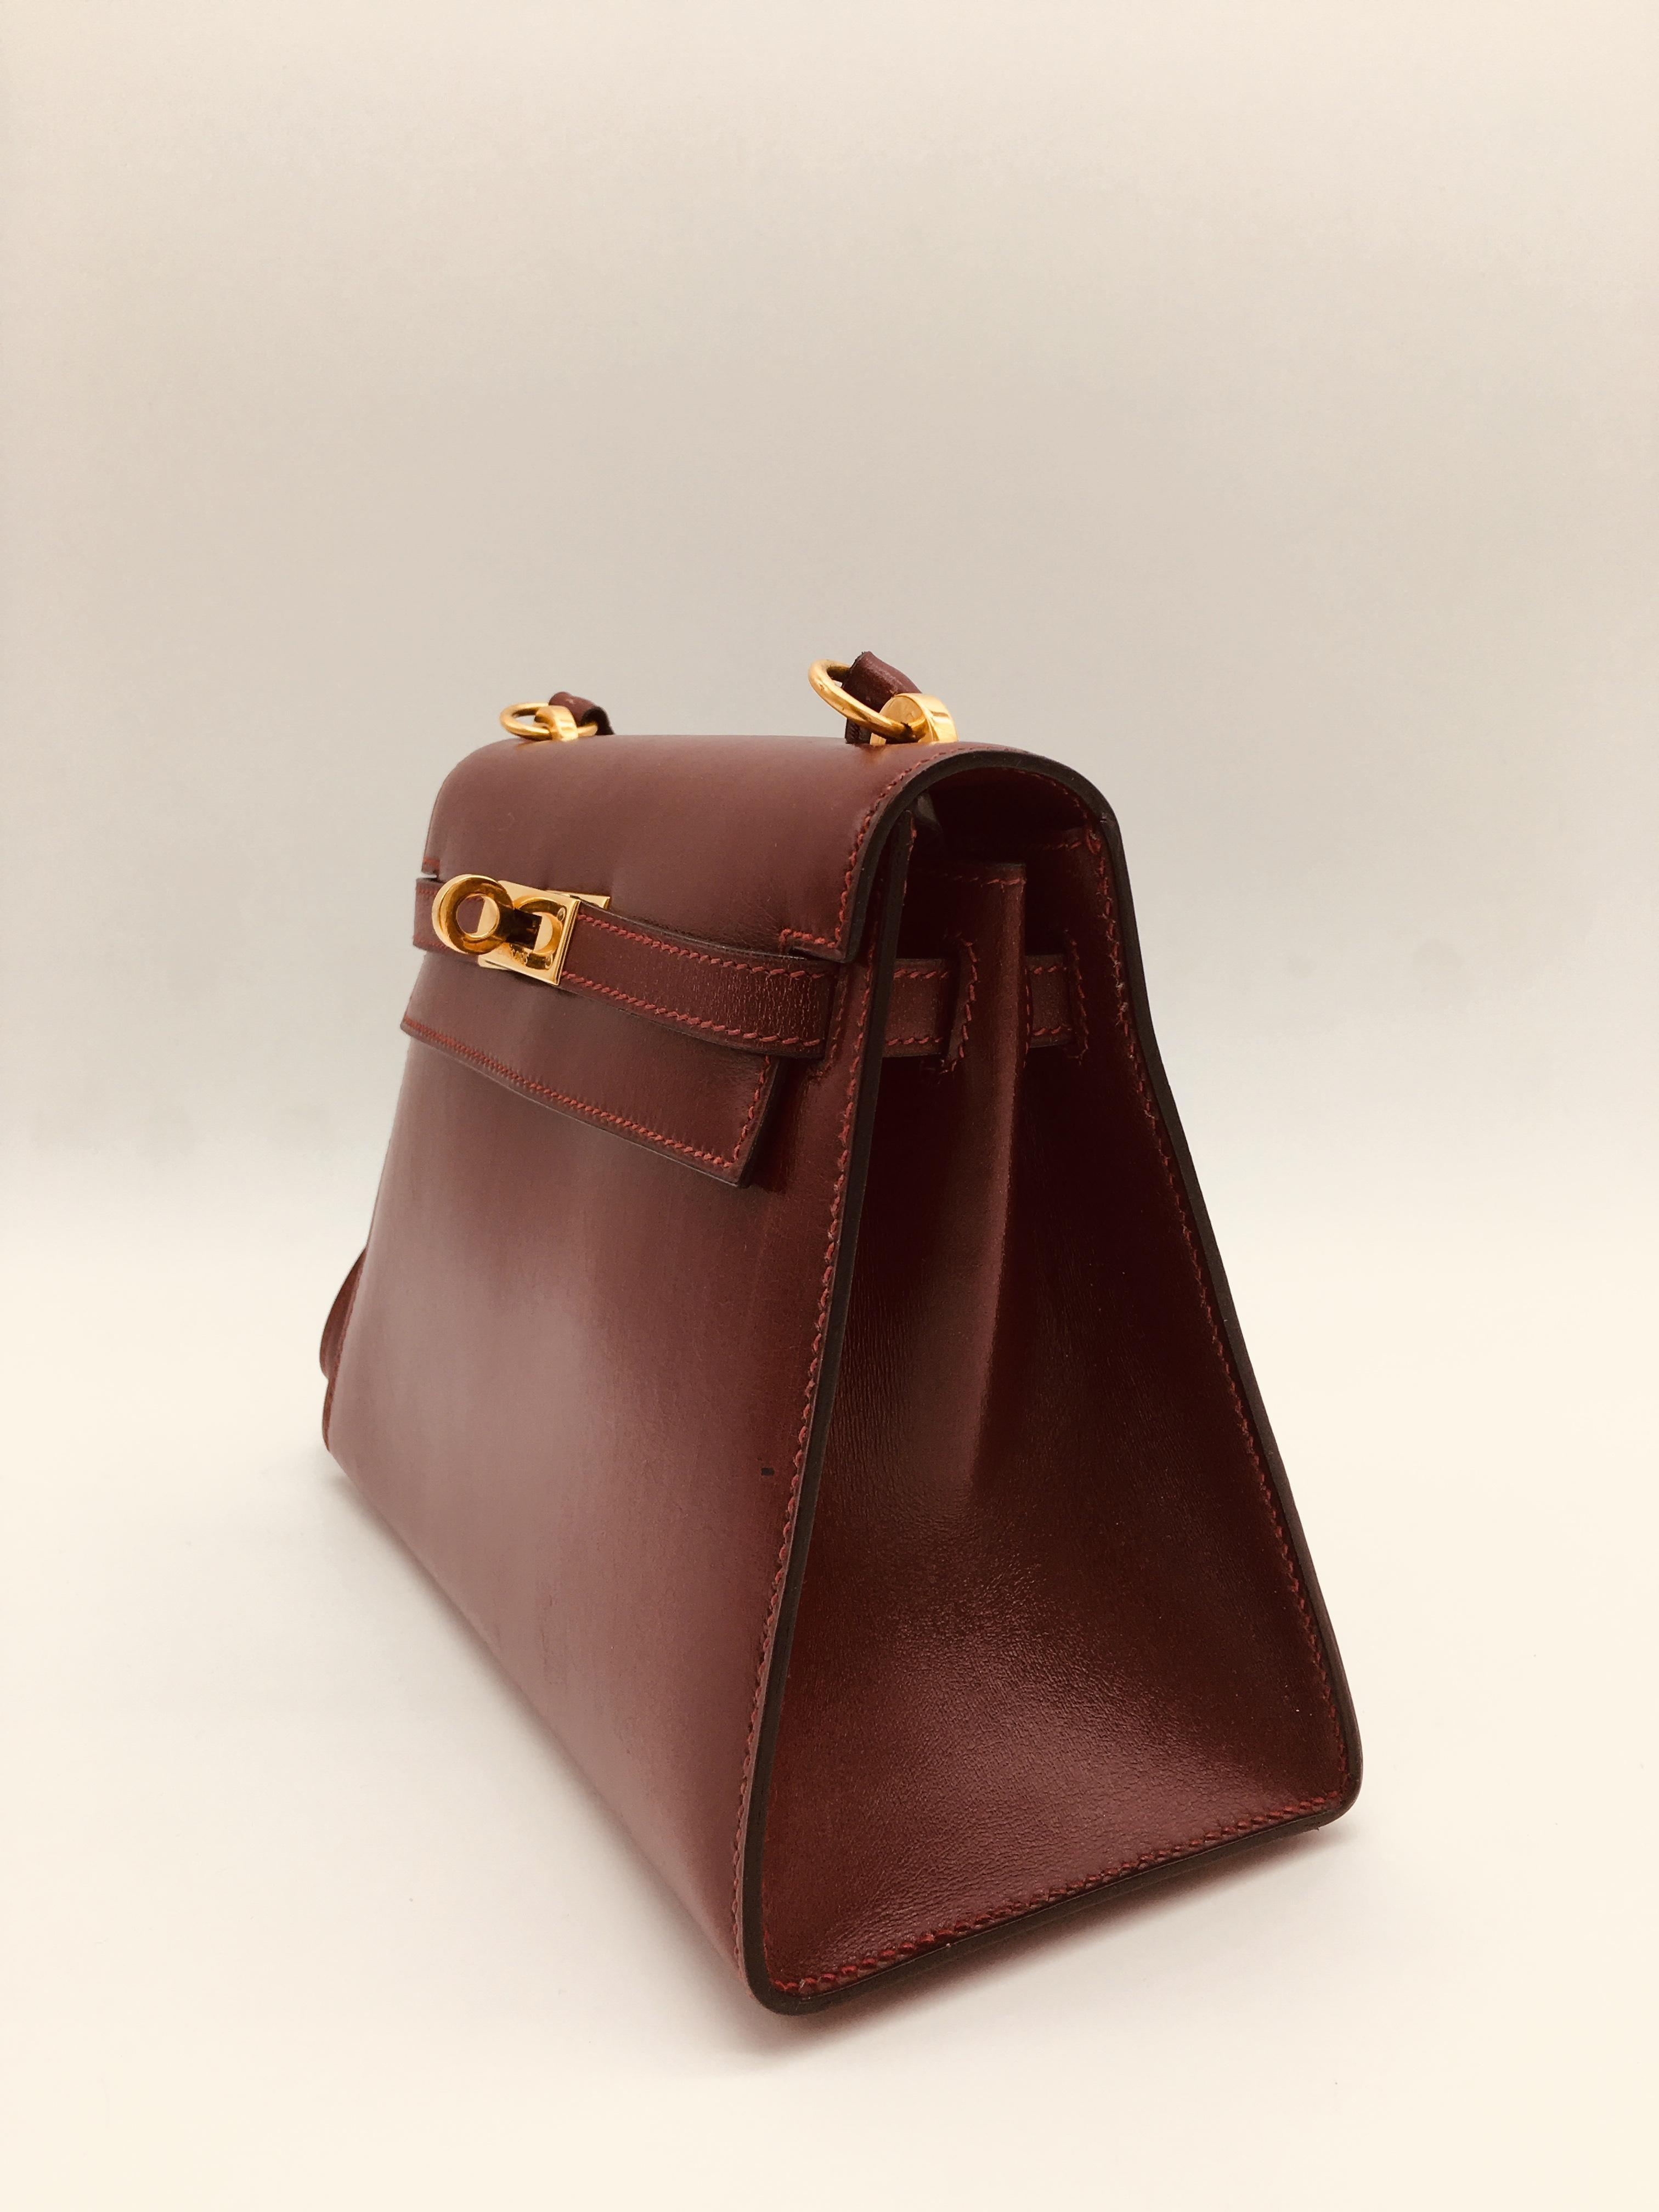 b075a69ee66ab Hermes Vintage Kelly 20cm aus rotem Leder